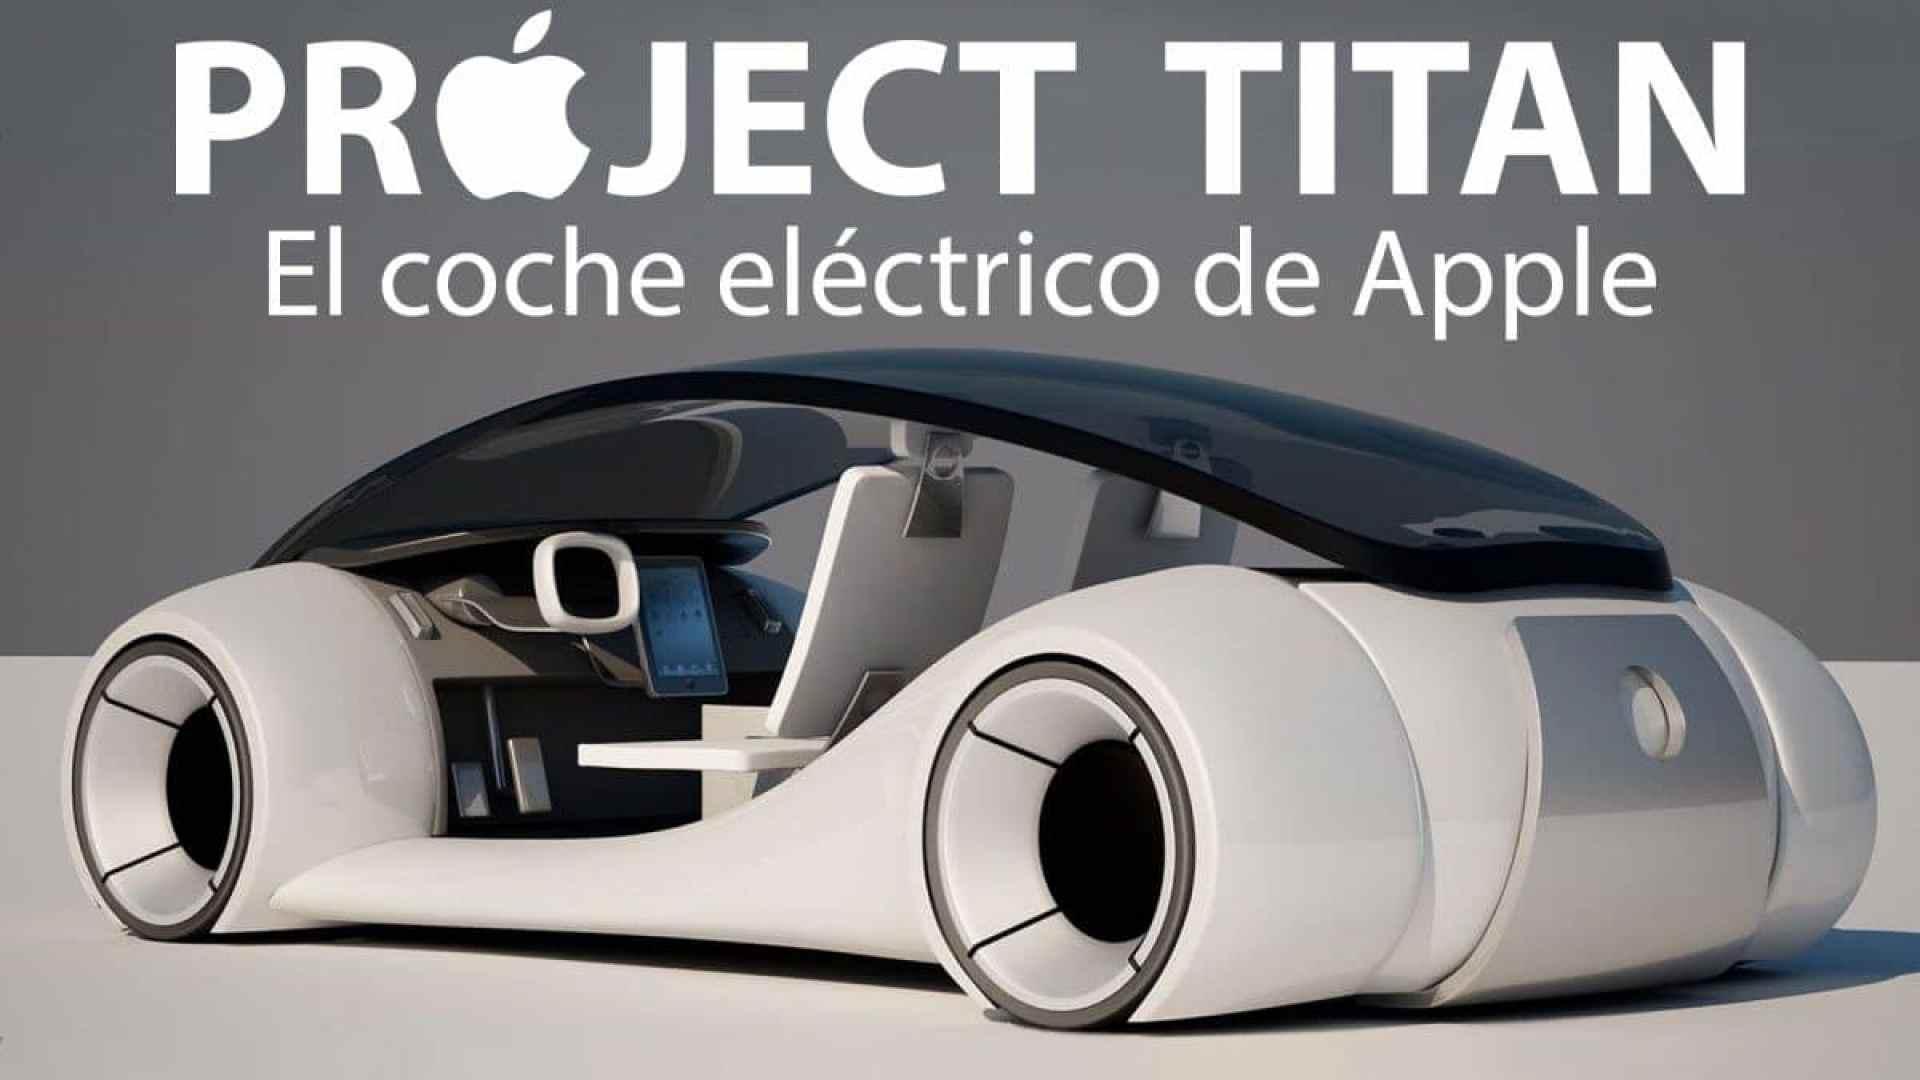 Apple quiere lanzar su coche eléctrico en 2019